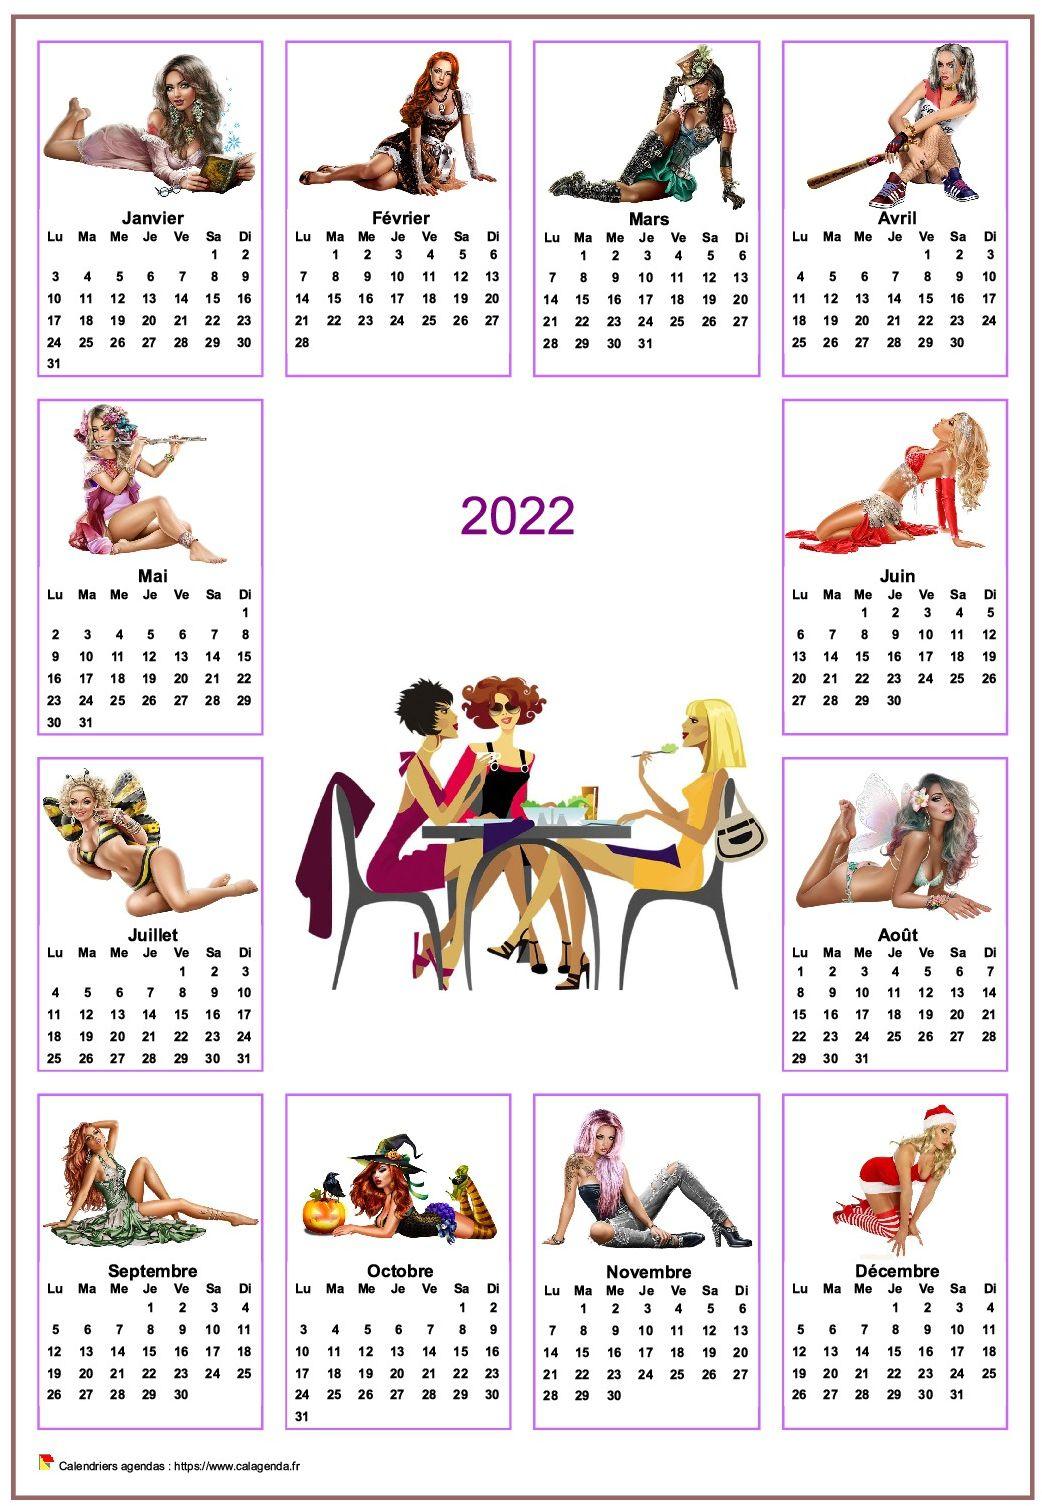 Calendrier 2022 annuel tubes femmes